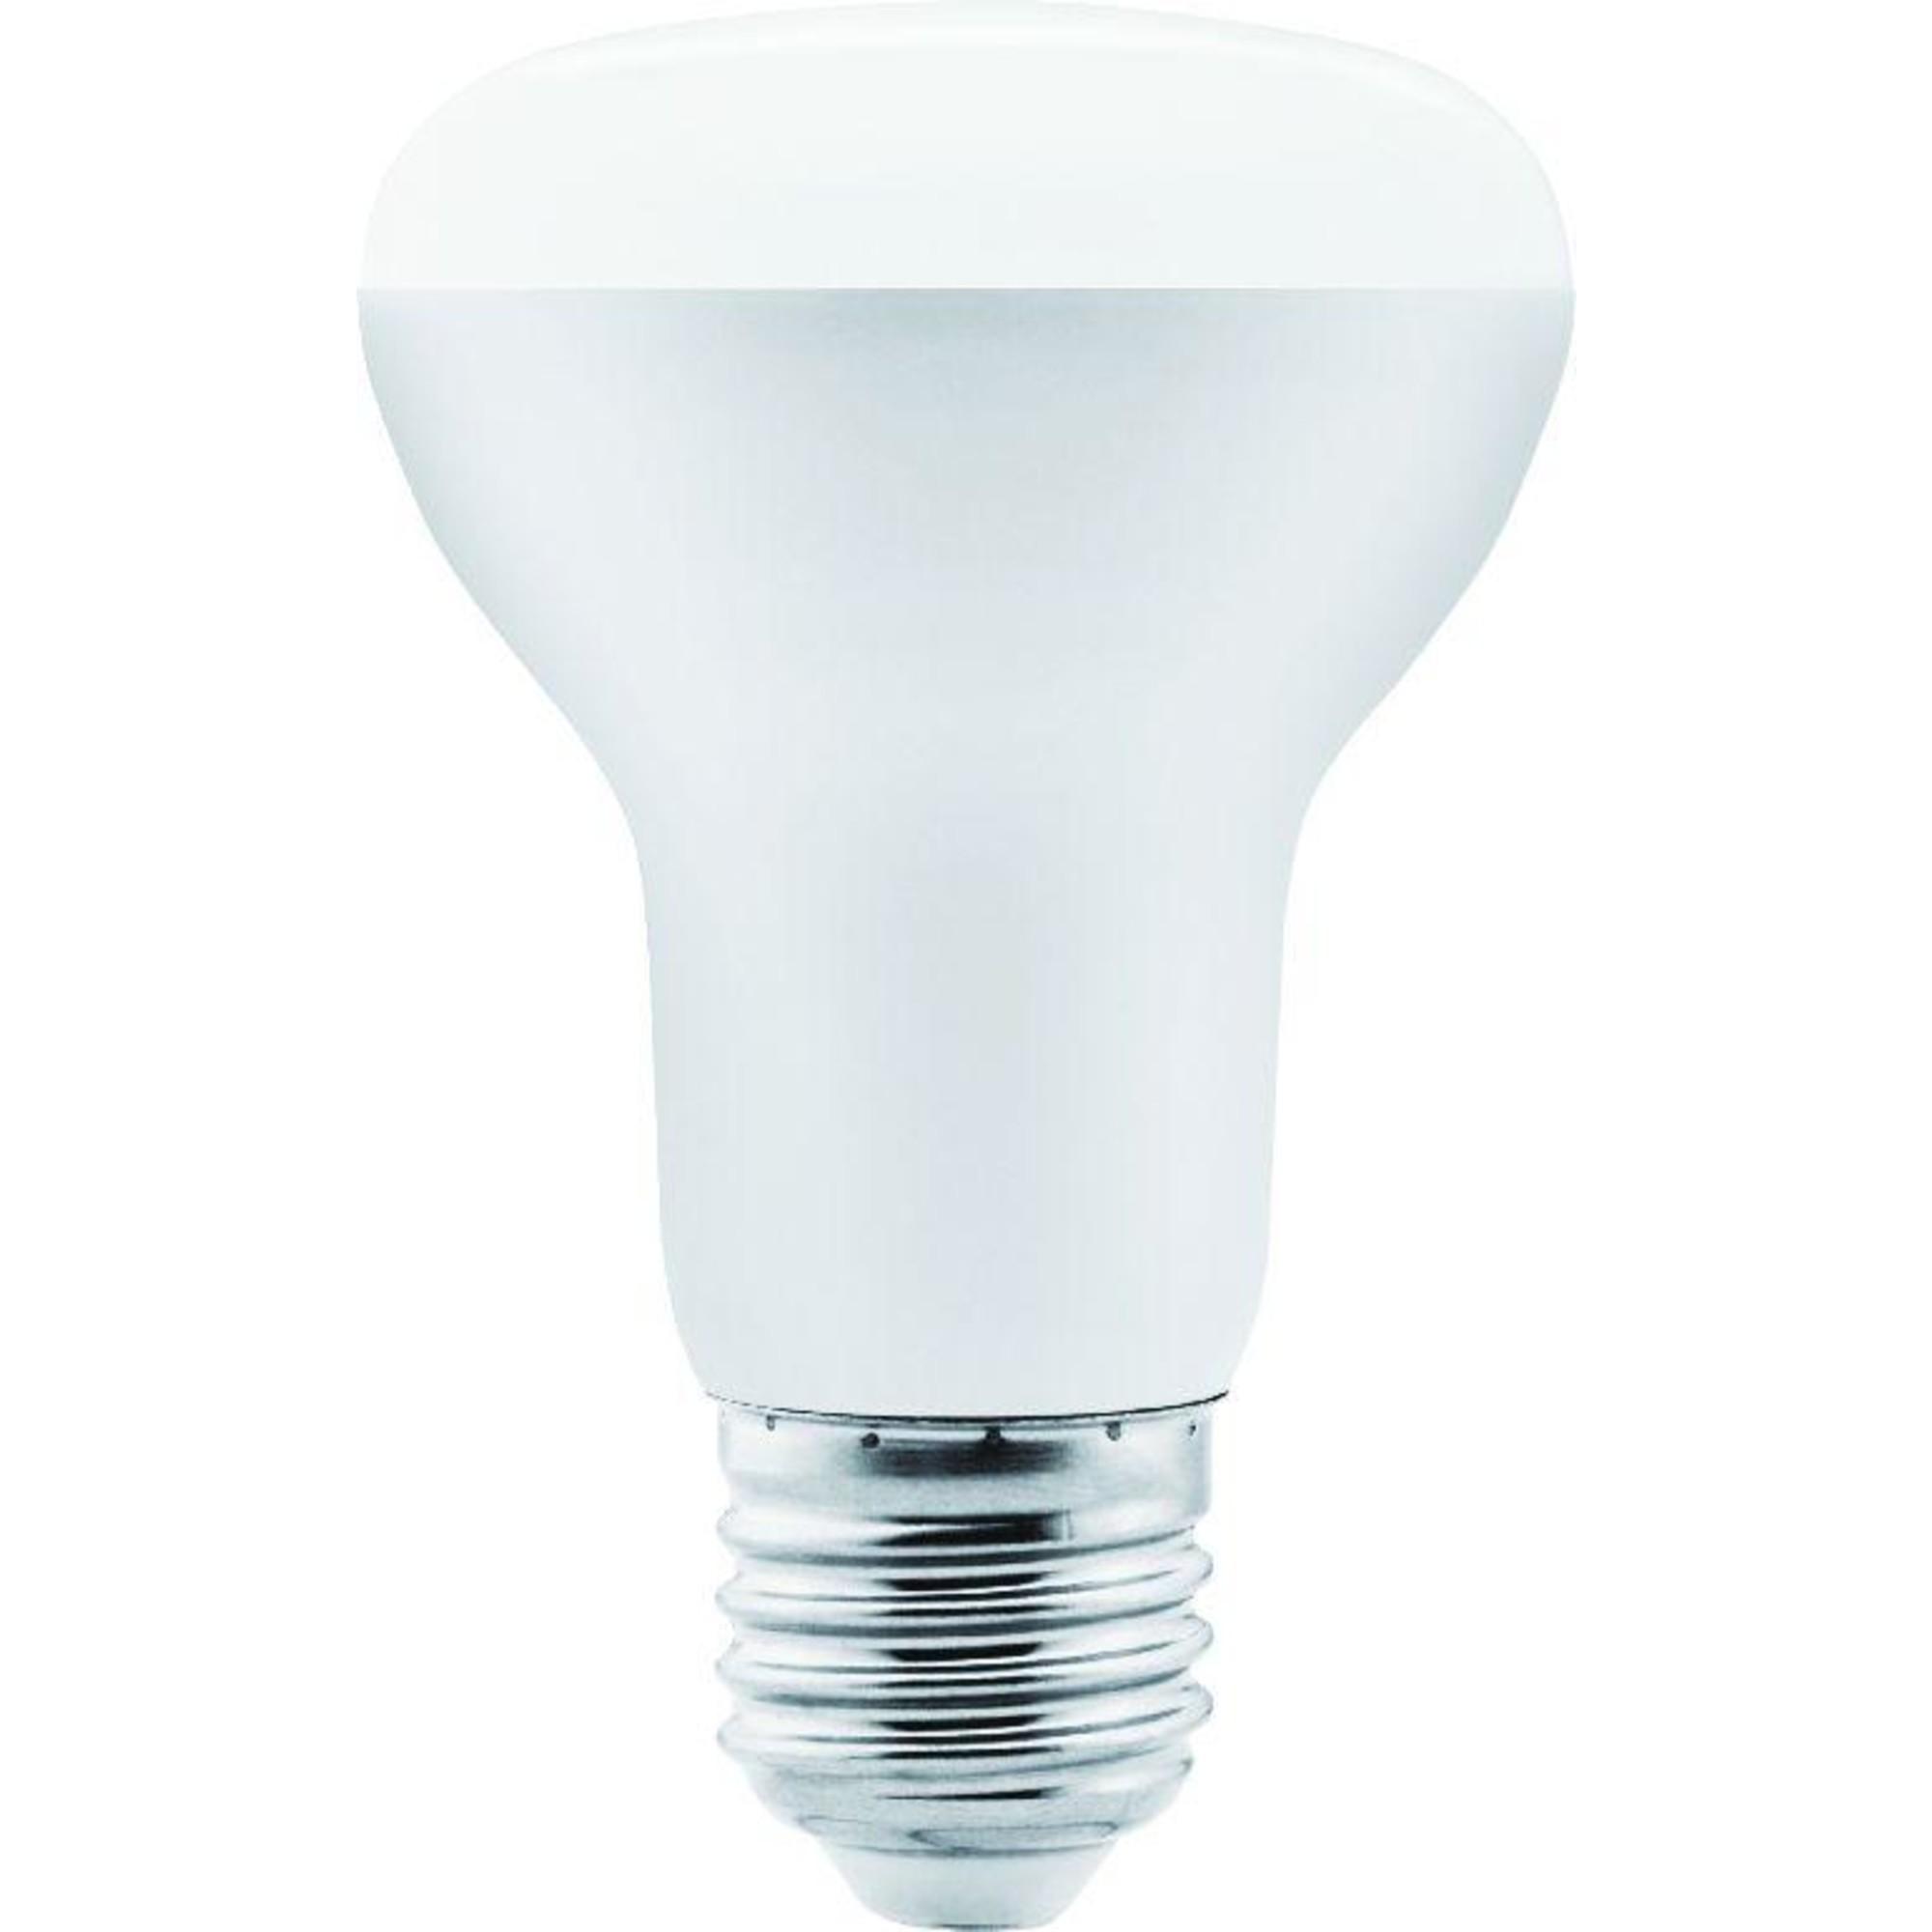 Лампа Ecola стандарт светодионая E27 9 Вт рефлекторная 720 Лм нейтральный свет